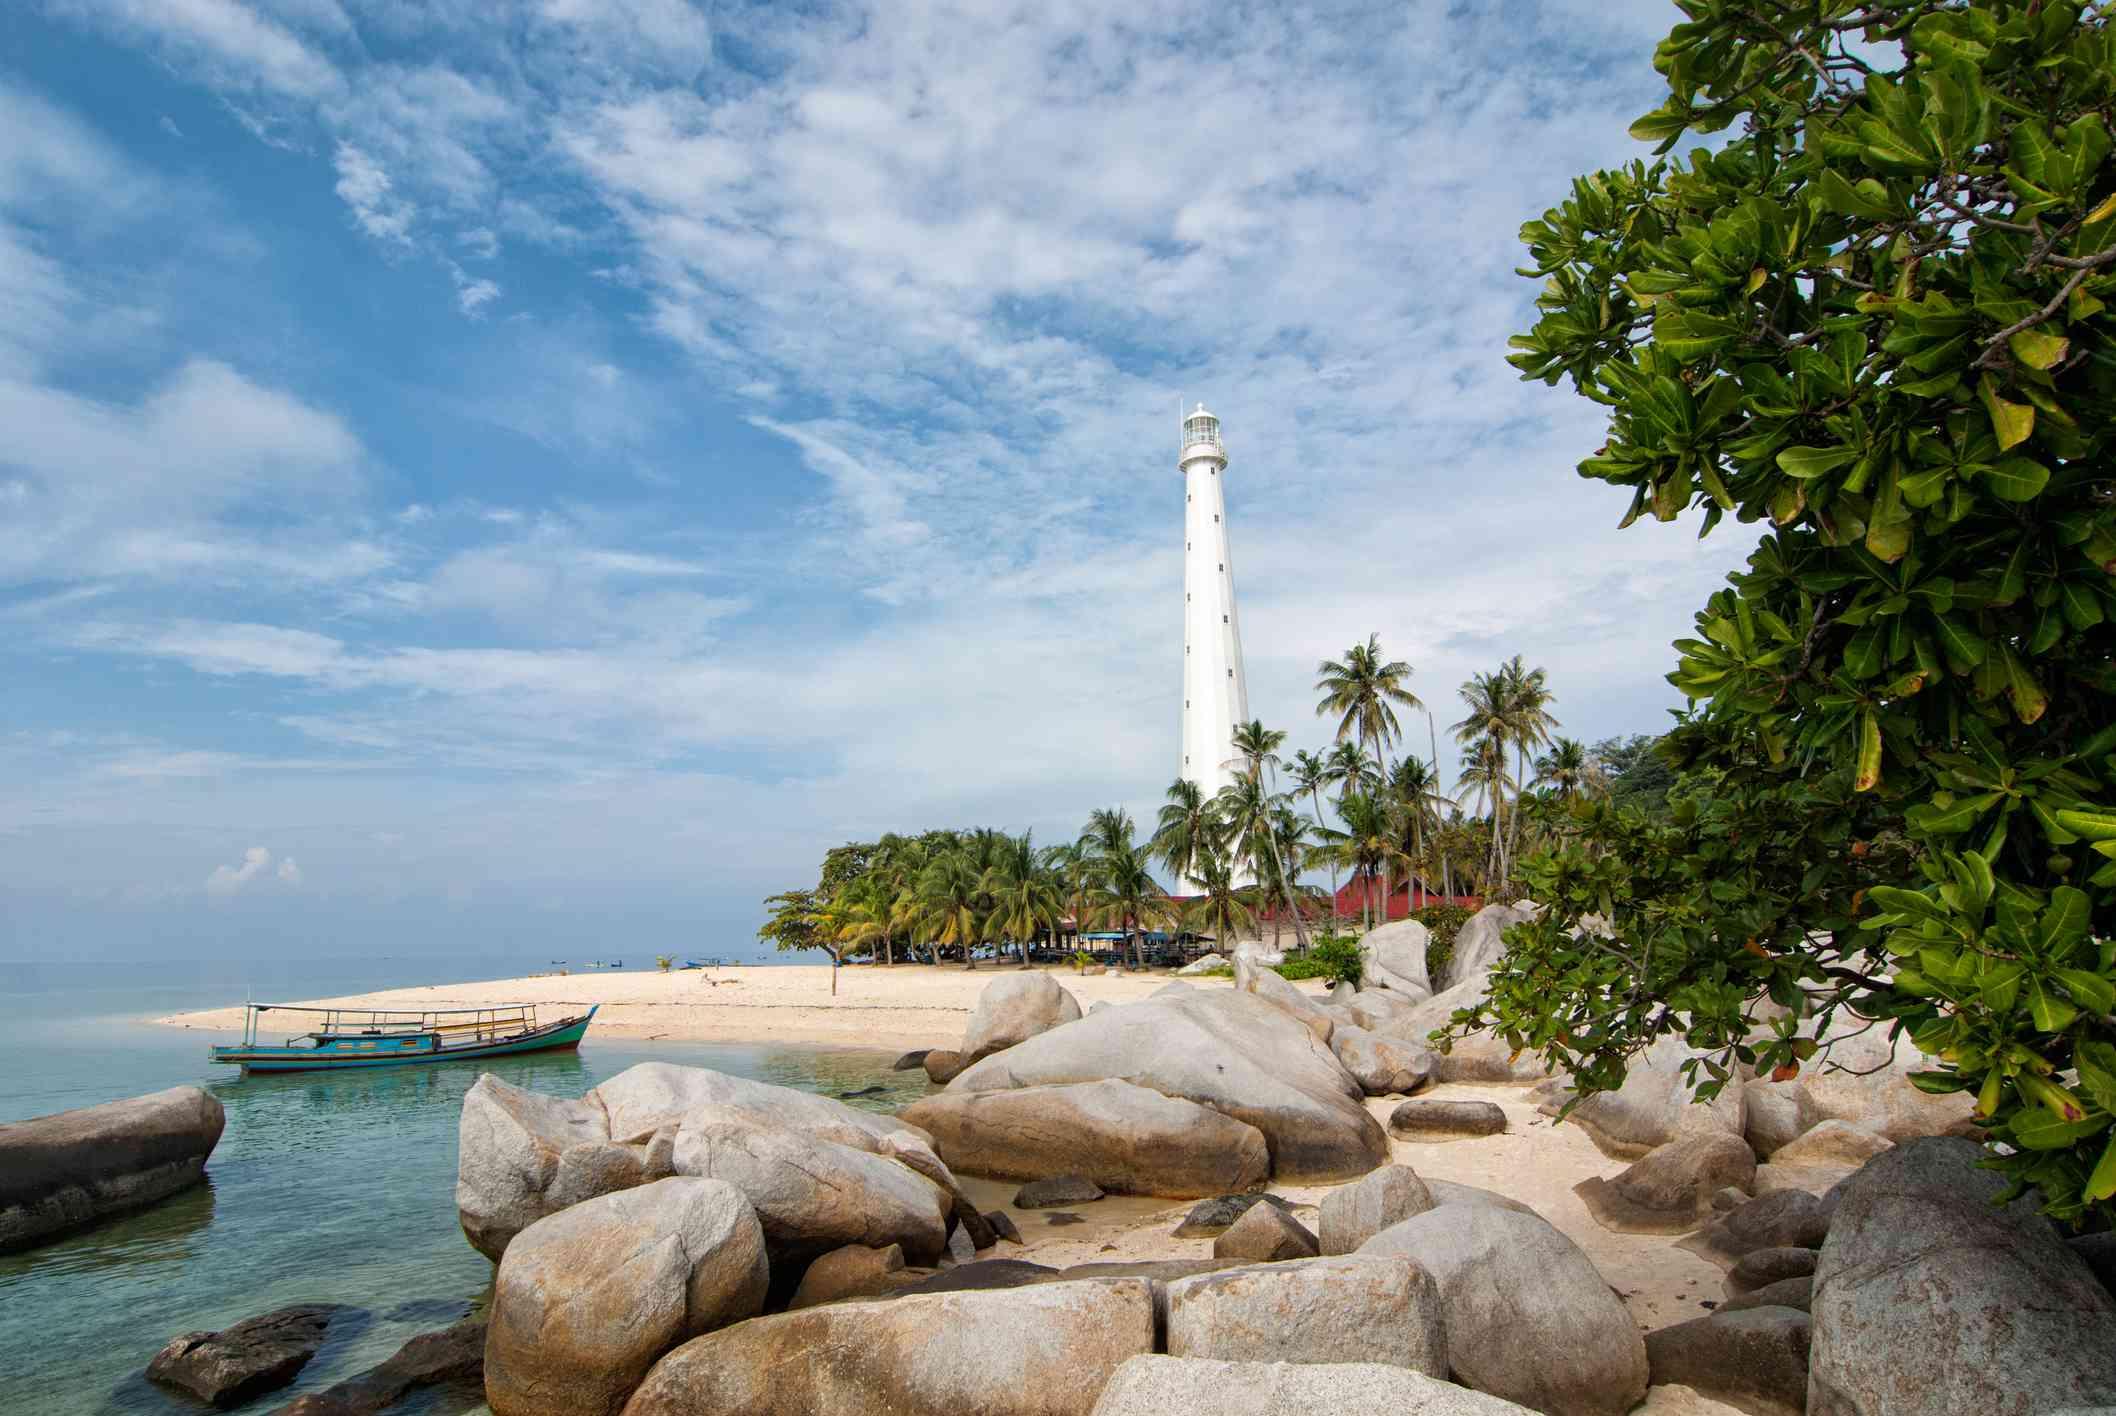 Lighthouse on Lengkuas island near Tanjung Kelayang, Belitung